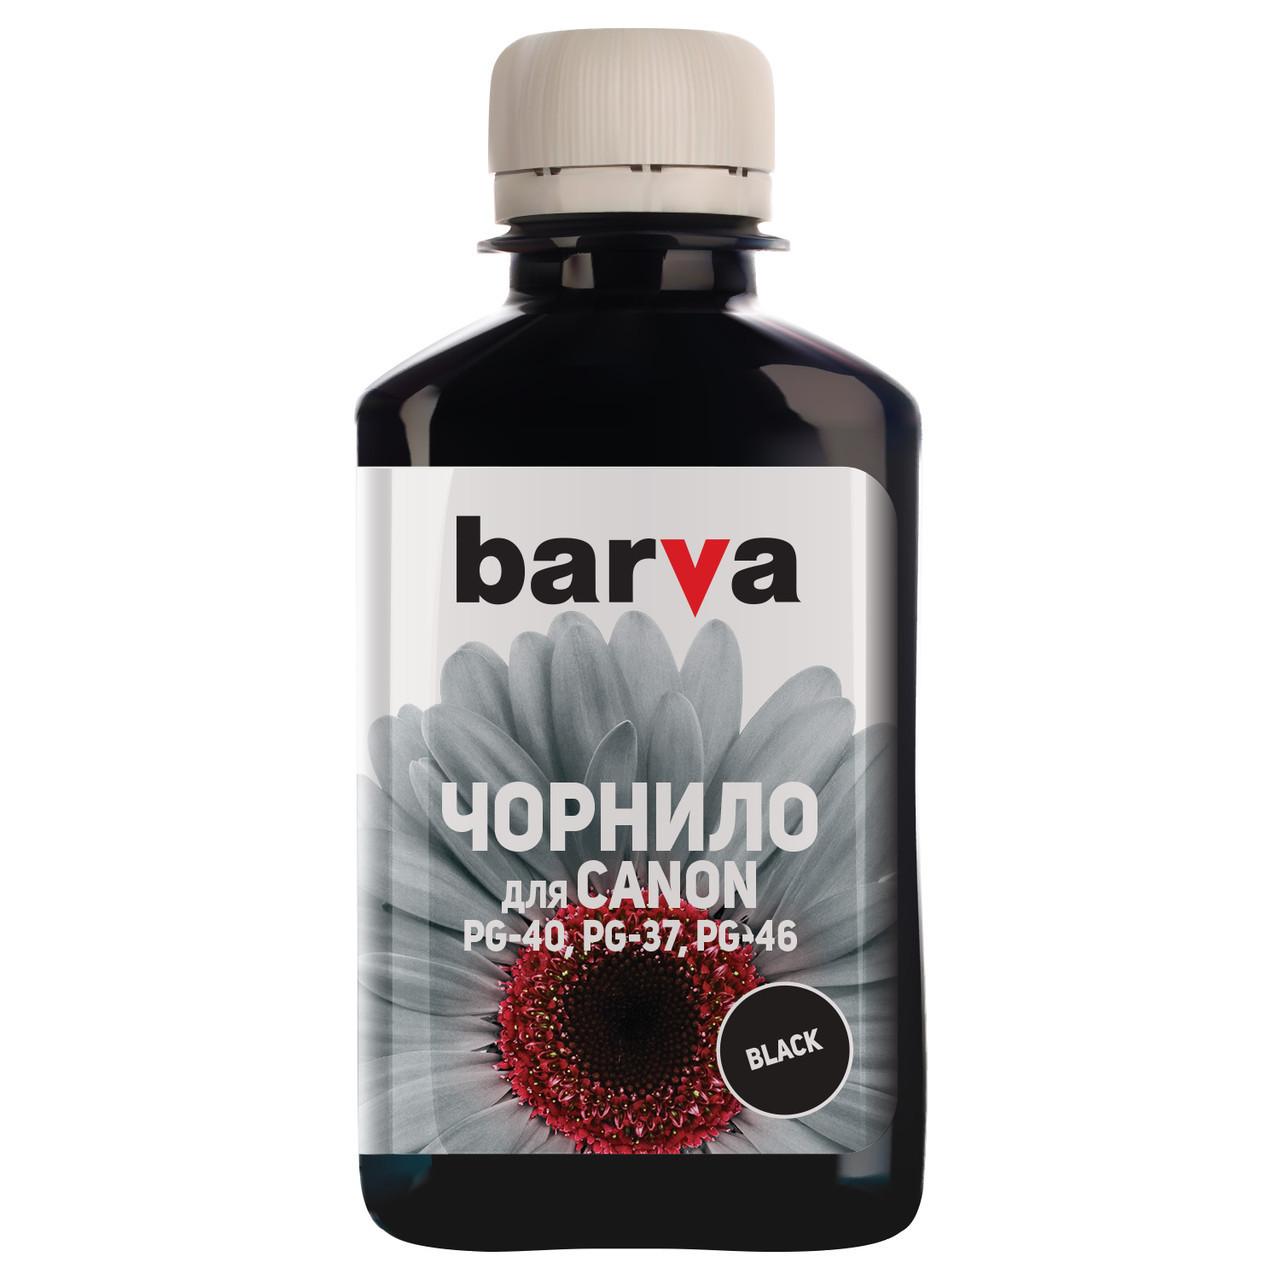 Чернила Barva Canon PG-37 / PG-40 / PG-50, Black, Pigment, 180 г (C40-081), краска для принтера